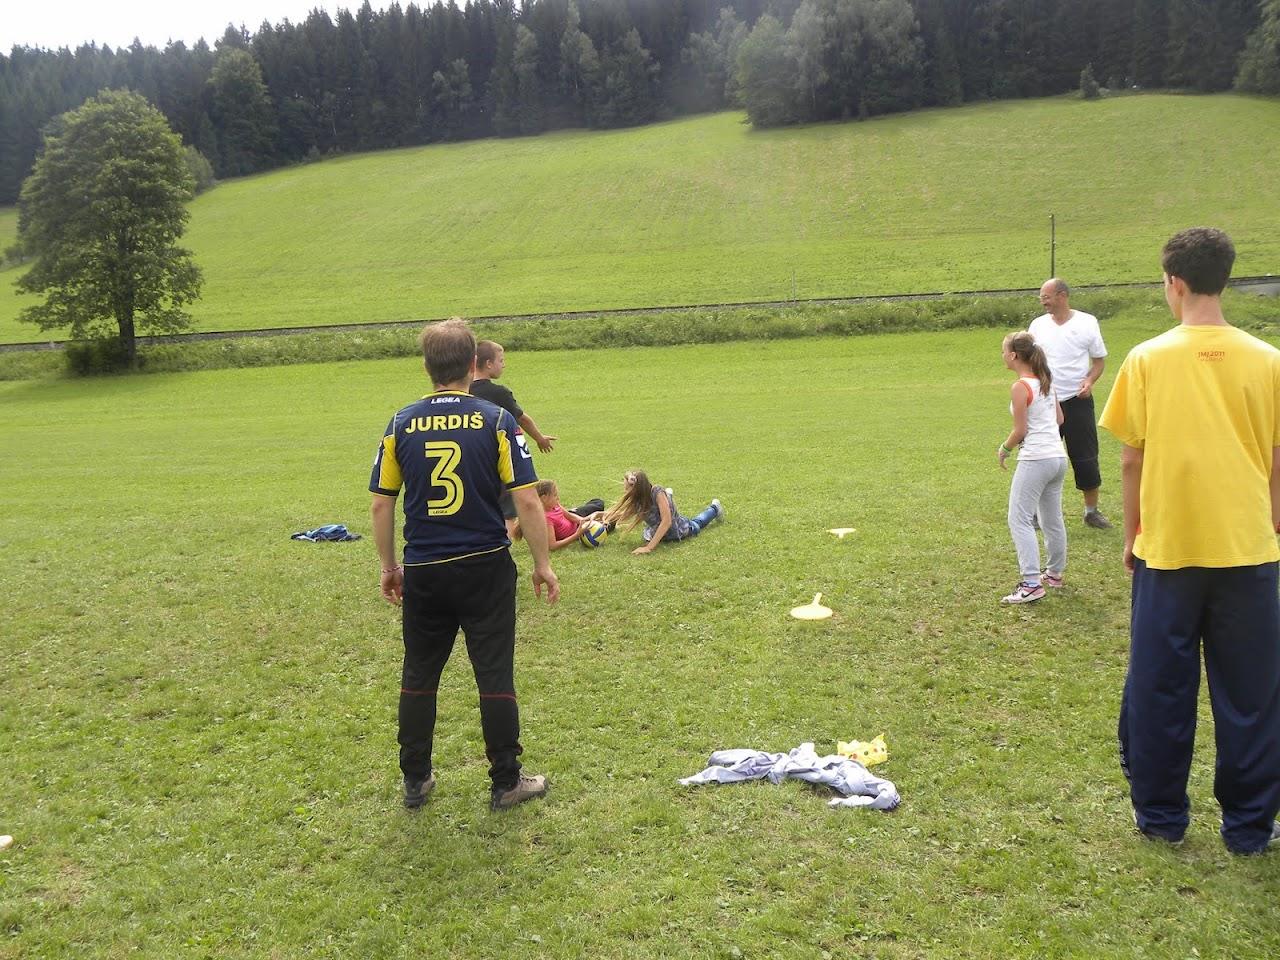 Tábor - Veľké Karlovice - fotka 726.JPG